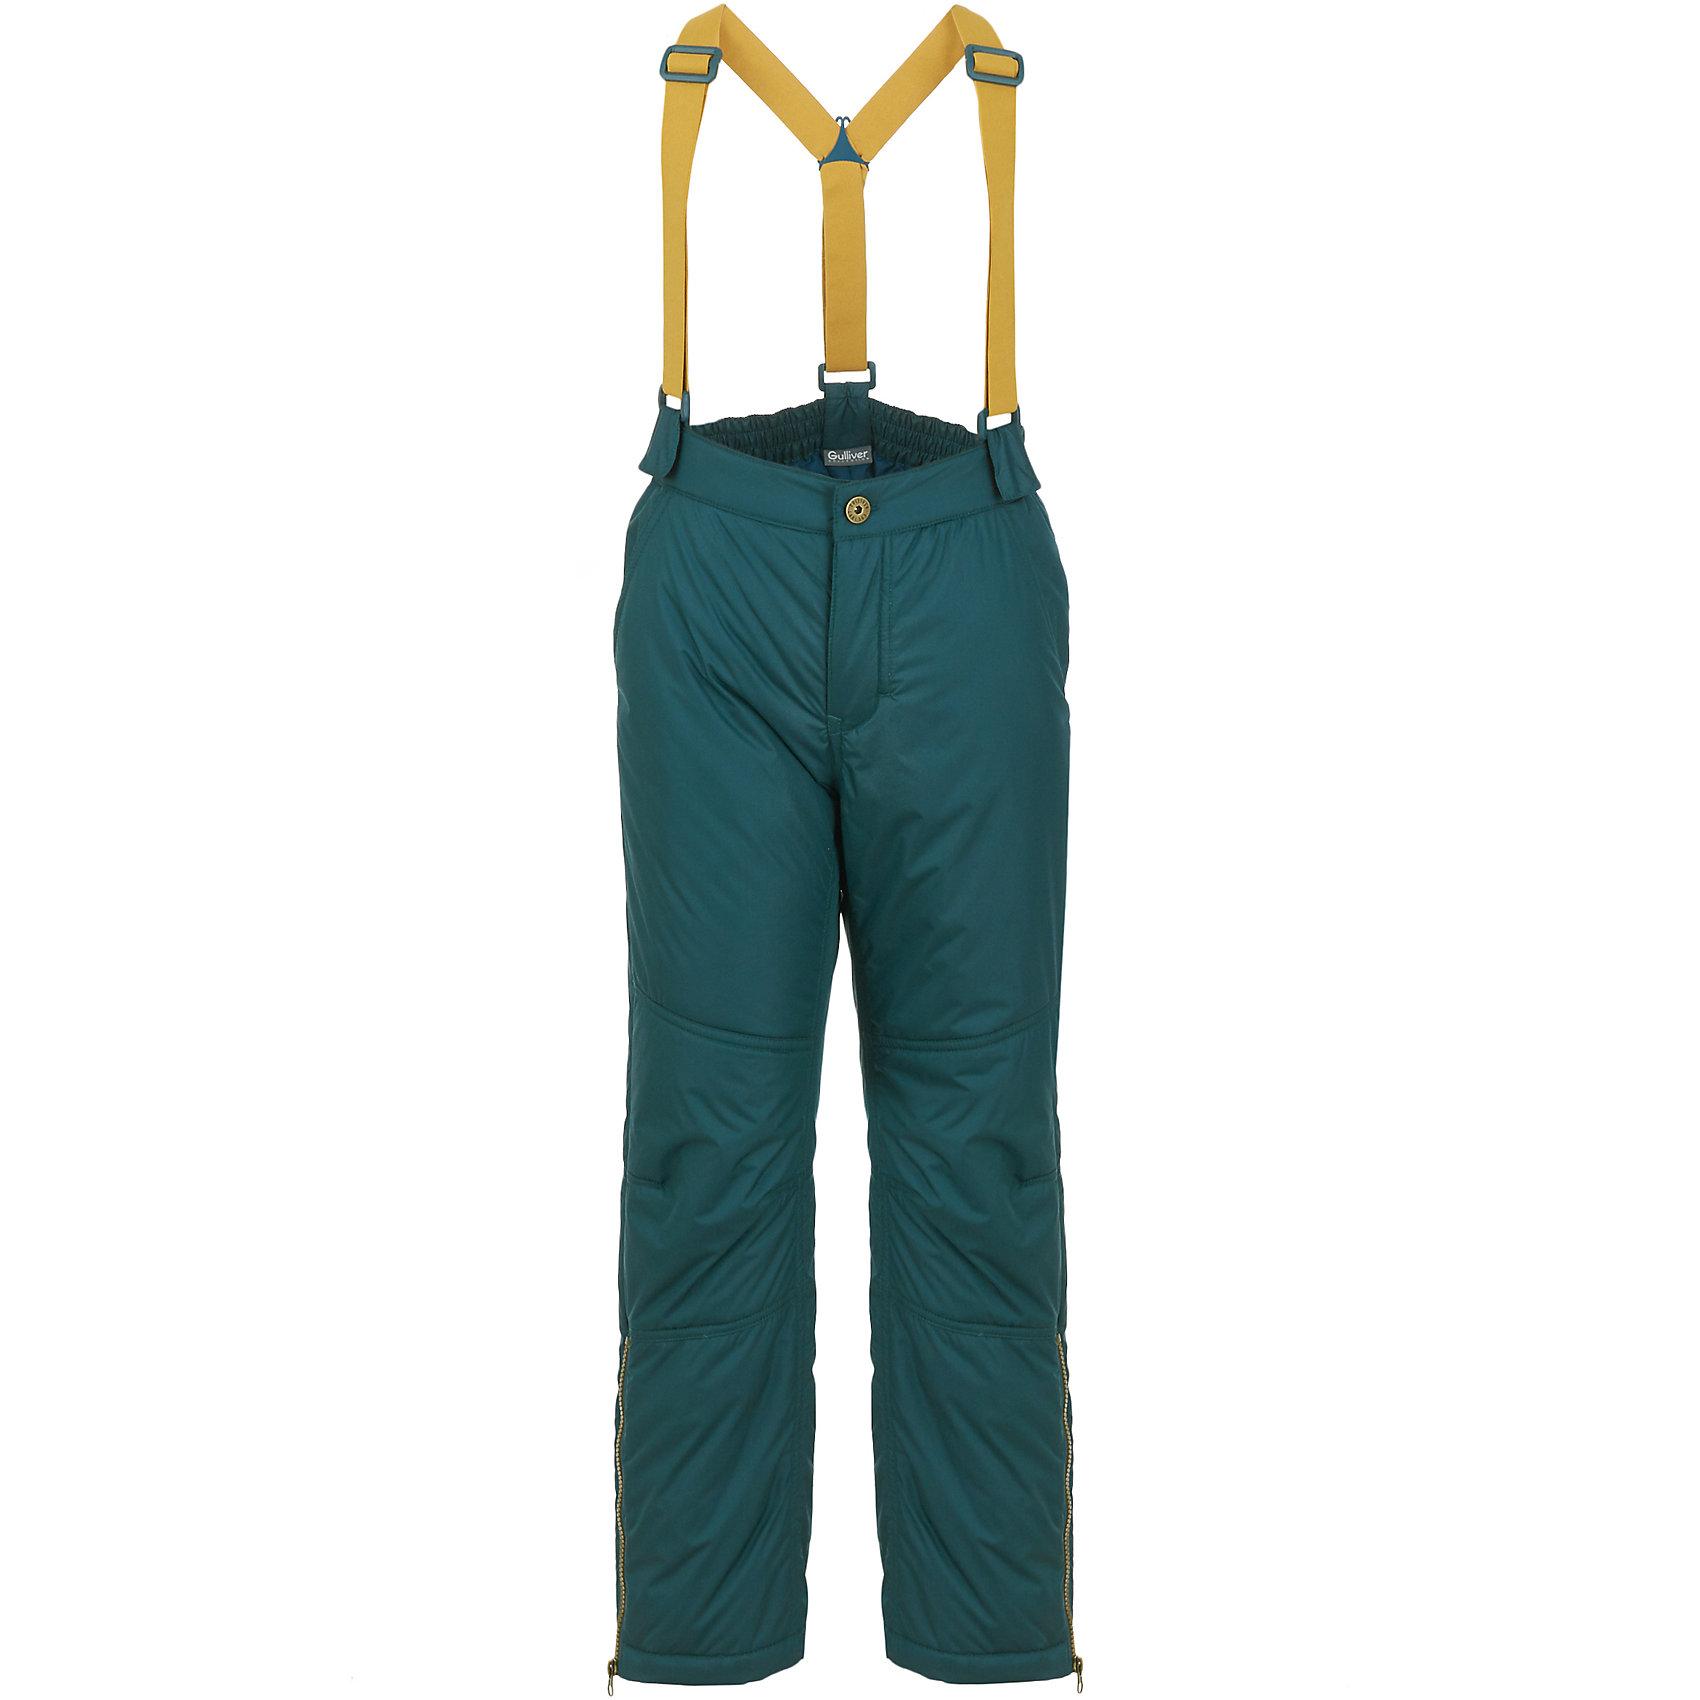 Брюки Gulliver для мальчикаБрюки и полукомбинезоны<br>Брюки Gulliver для мальчика<br>Конечно, джинсы в детском гардеробе вне конкуренции, но чтобы быть в тренде сезона Осень/Зима 2017/2018, серые текстильные брюки - изделие из разряда must have! Теплые, мягкие, практичные, брюки обеспечат ребенку прекрасный внешний вид и комфорт. Детские брюки на манжете - это не только модно, но и очень удобно. Они отлично смотрятся с высокими кроссовками, кедами, делая образ ребенка спортивным, динамичным, привлекательным. Если вы решили купить стильные брюки на каждый день, обратите внимание на эту модель! Они гармонируют с любым верхом из коллекции Сахалин, создавая красивый благородный образ.<br>Состав:<br>верх: 27% шерсть 73% полиэстер                                    подкладка: 50% вискоза 50% полиэстер<br><br>Ширина мм: 215<br>Глубина мм: 88<br>Высота мм: 191<br>Вес г: 336<br>Цвет: черный<br>Возраст от месяцев: 96<br>Возраст до месяцев: 108<br>Пол: Мужской<br>Возраст: Детский<br>Размер: 134,140,128,122<br>SKU: 7077004